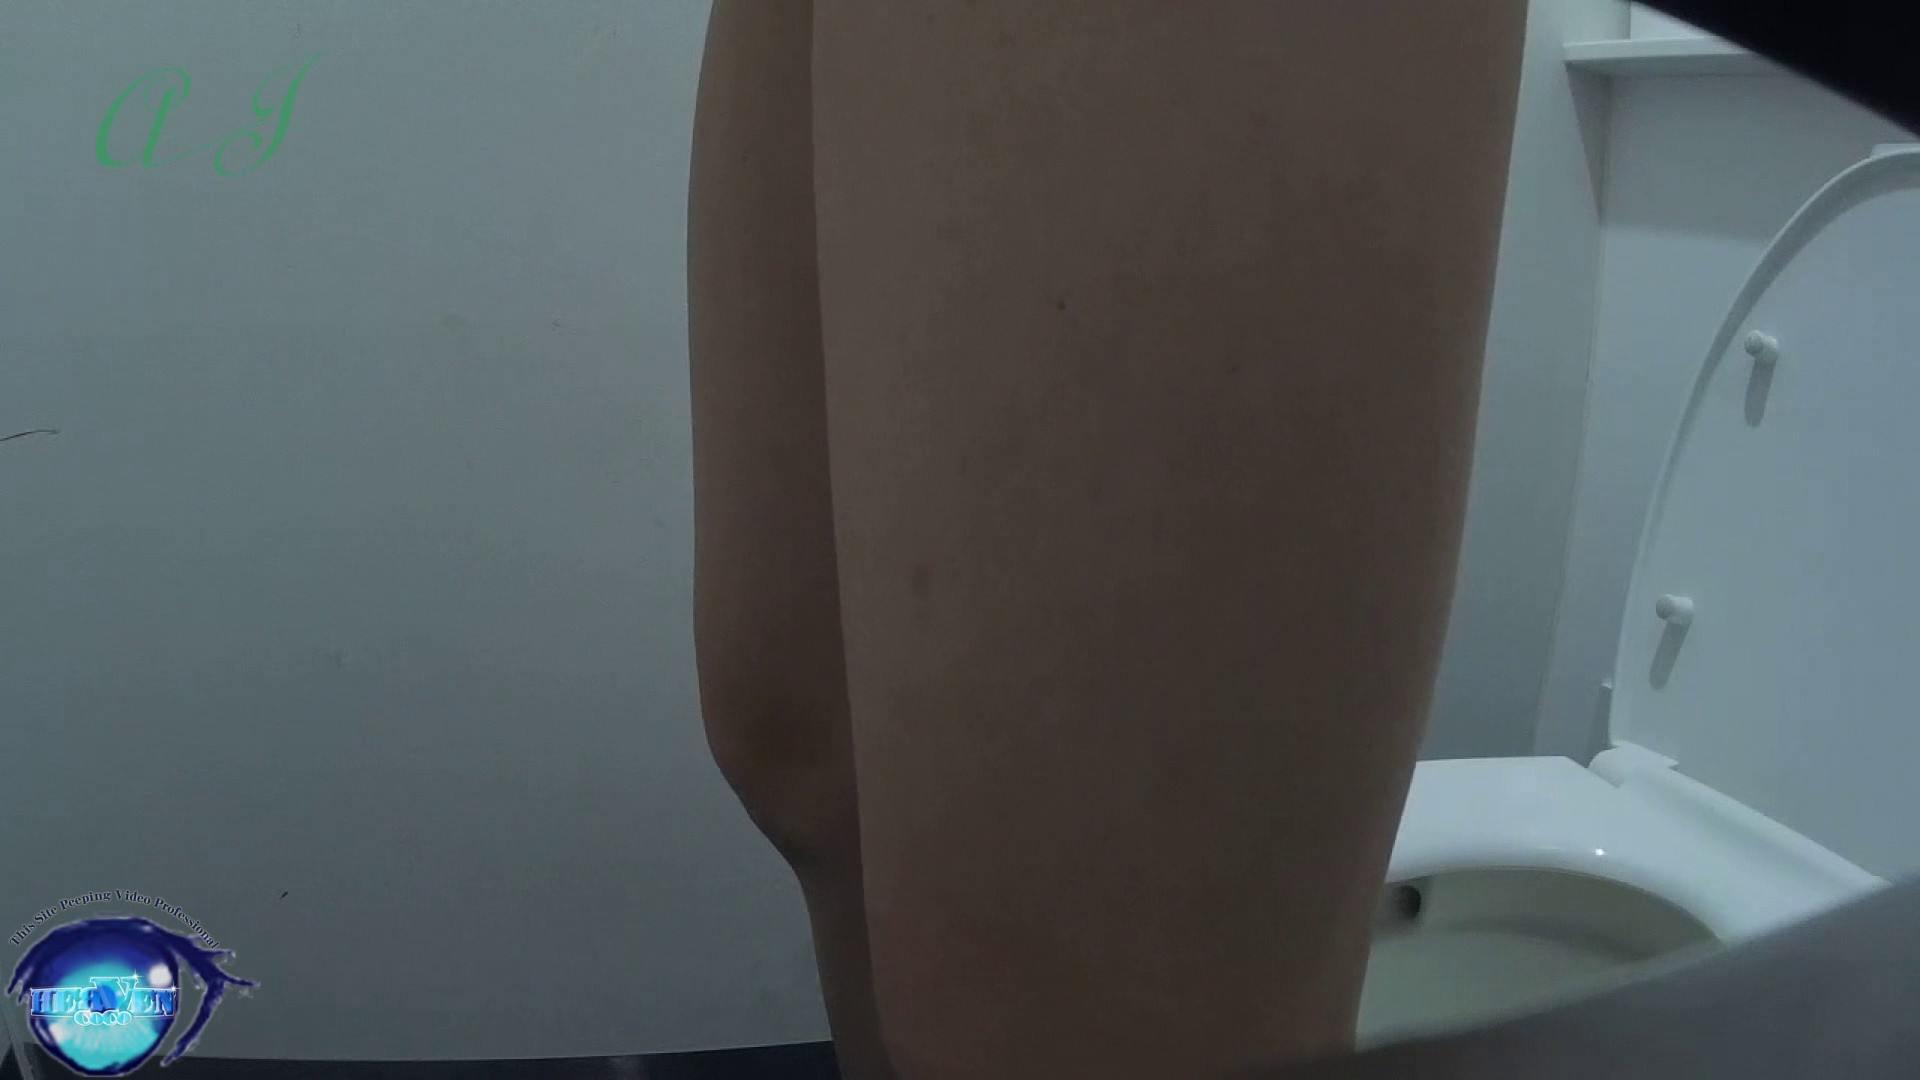 有名大学女性洗面所 vol.69可憐な女子の裏にあるオシリ・・・ 潜入突撃 | 洗面所突入  87pic 26